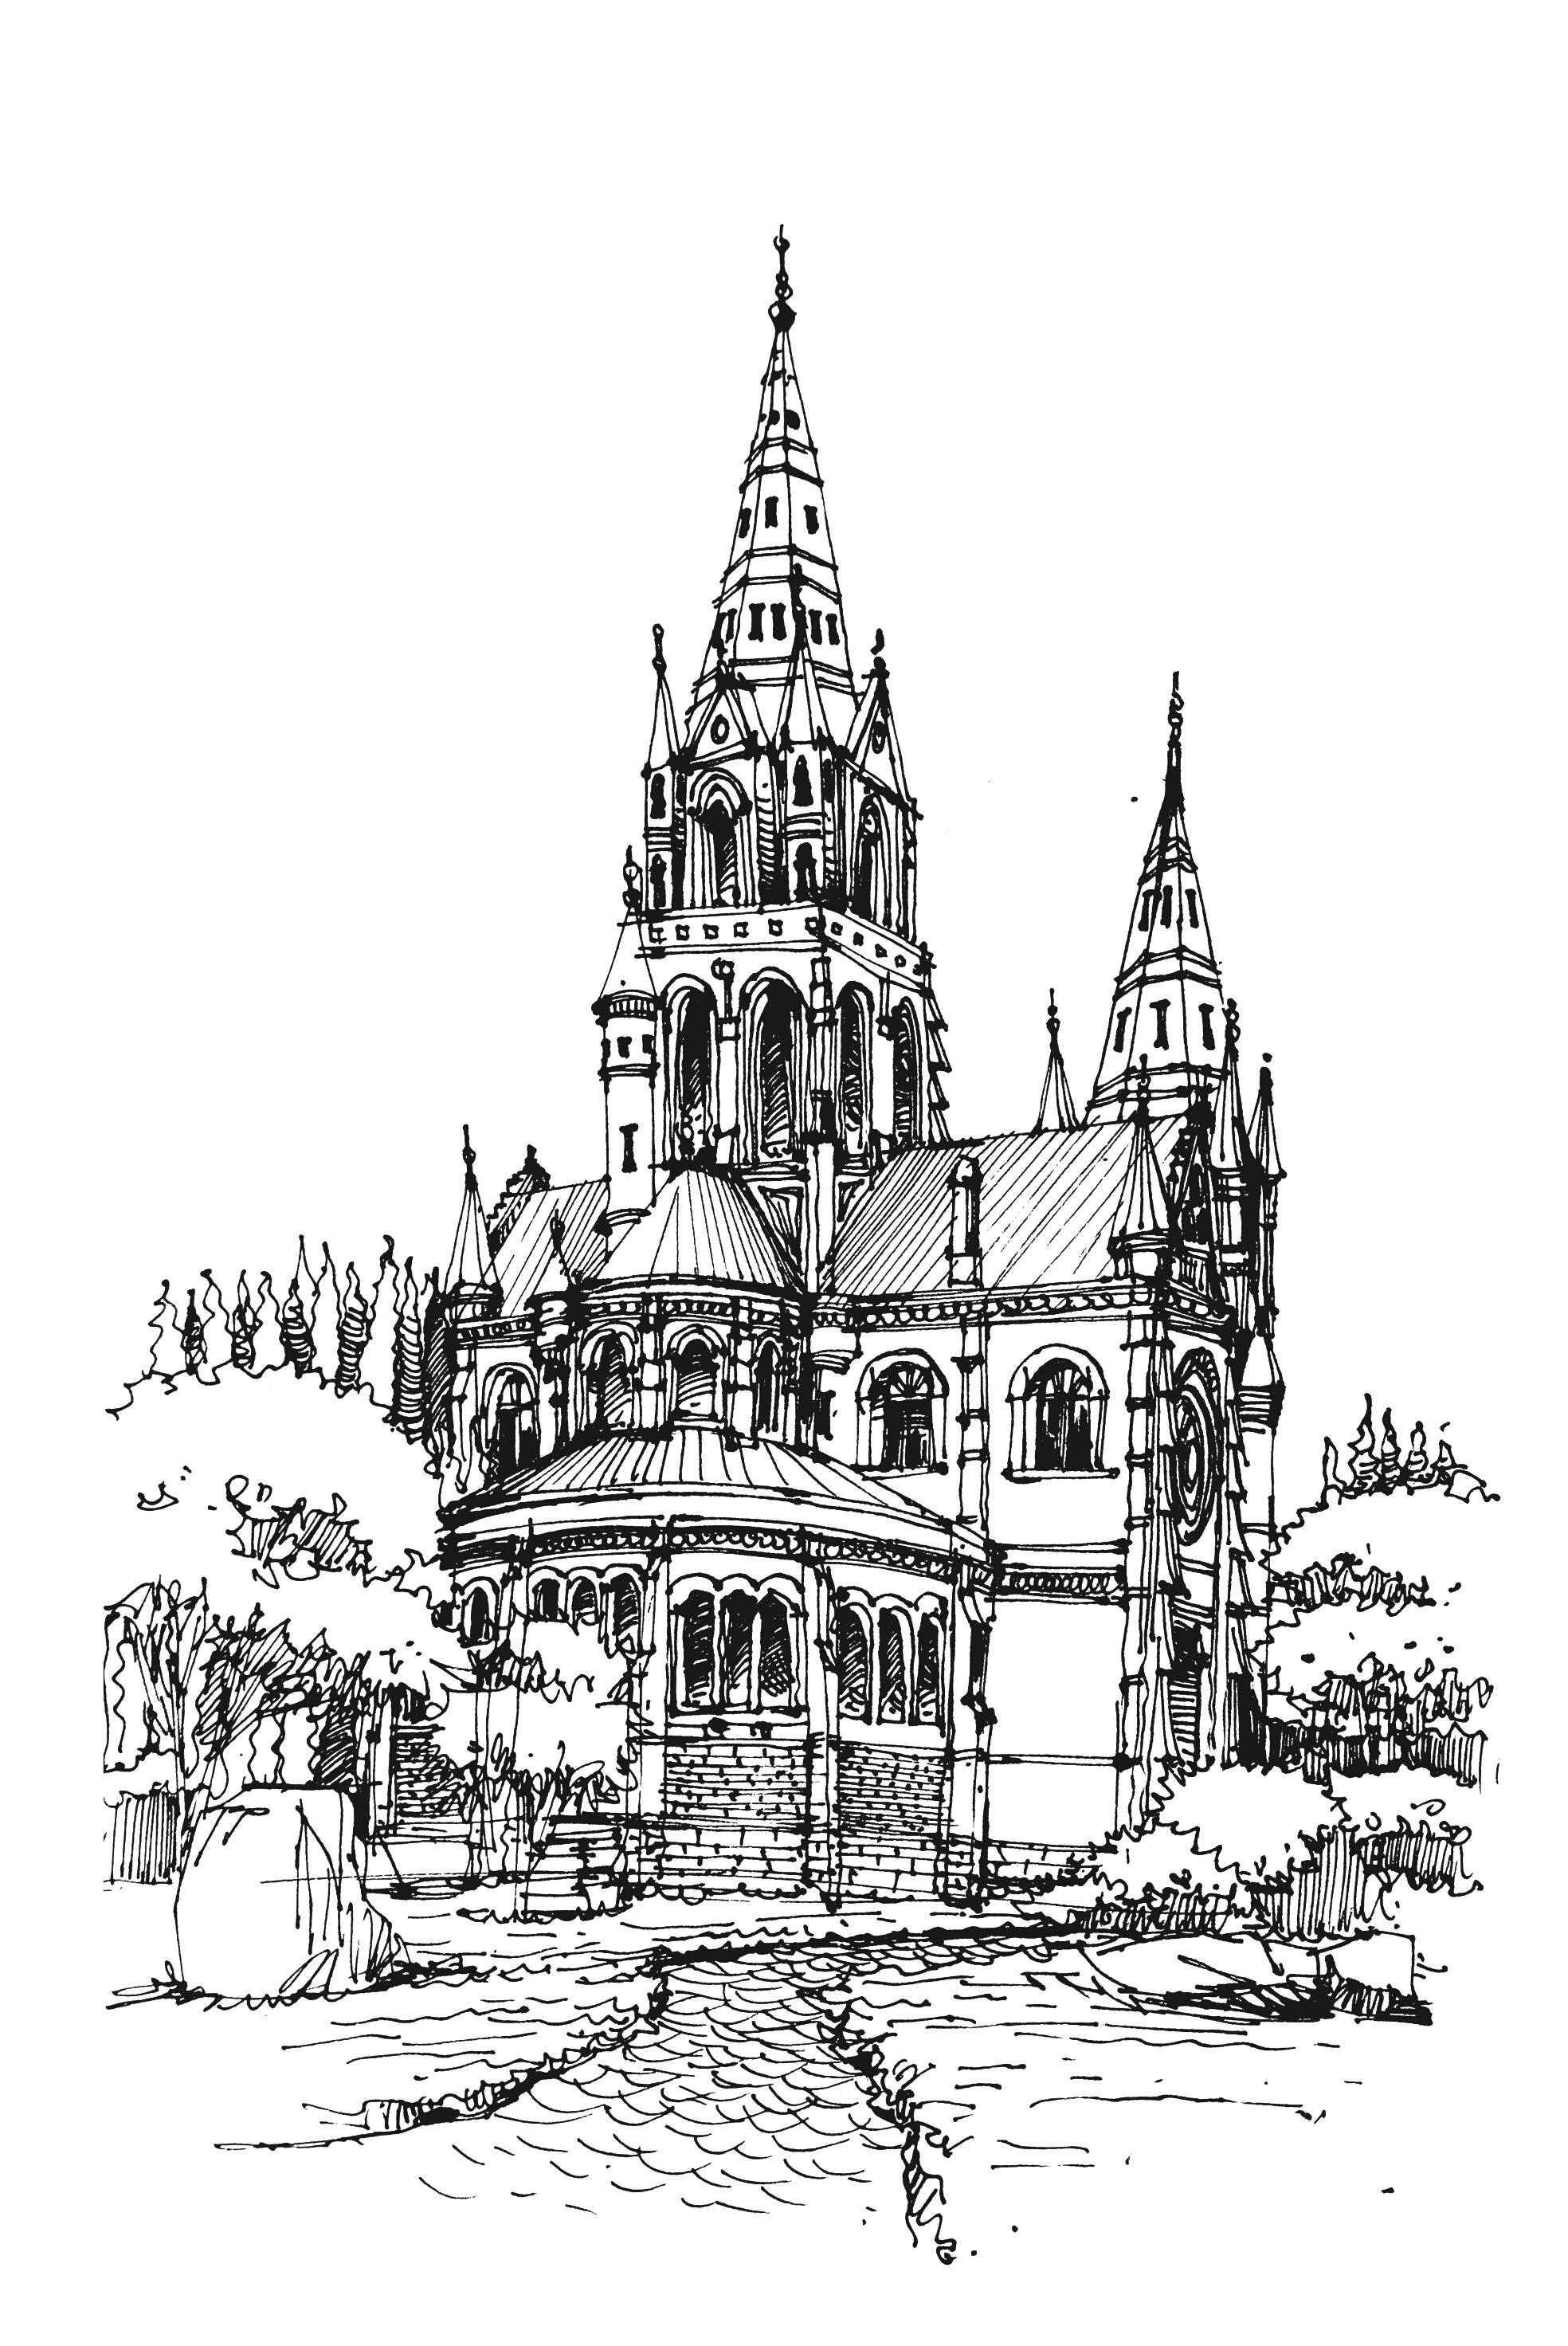 发几张欧式建筑手绘|空间|建筑设计|白鹿猿 - 原创